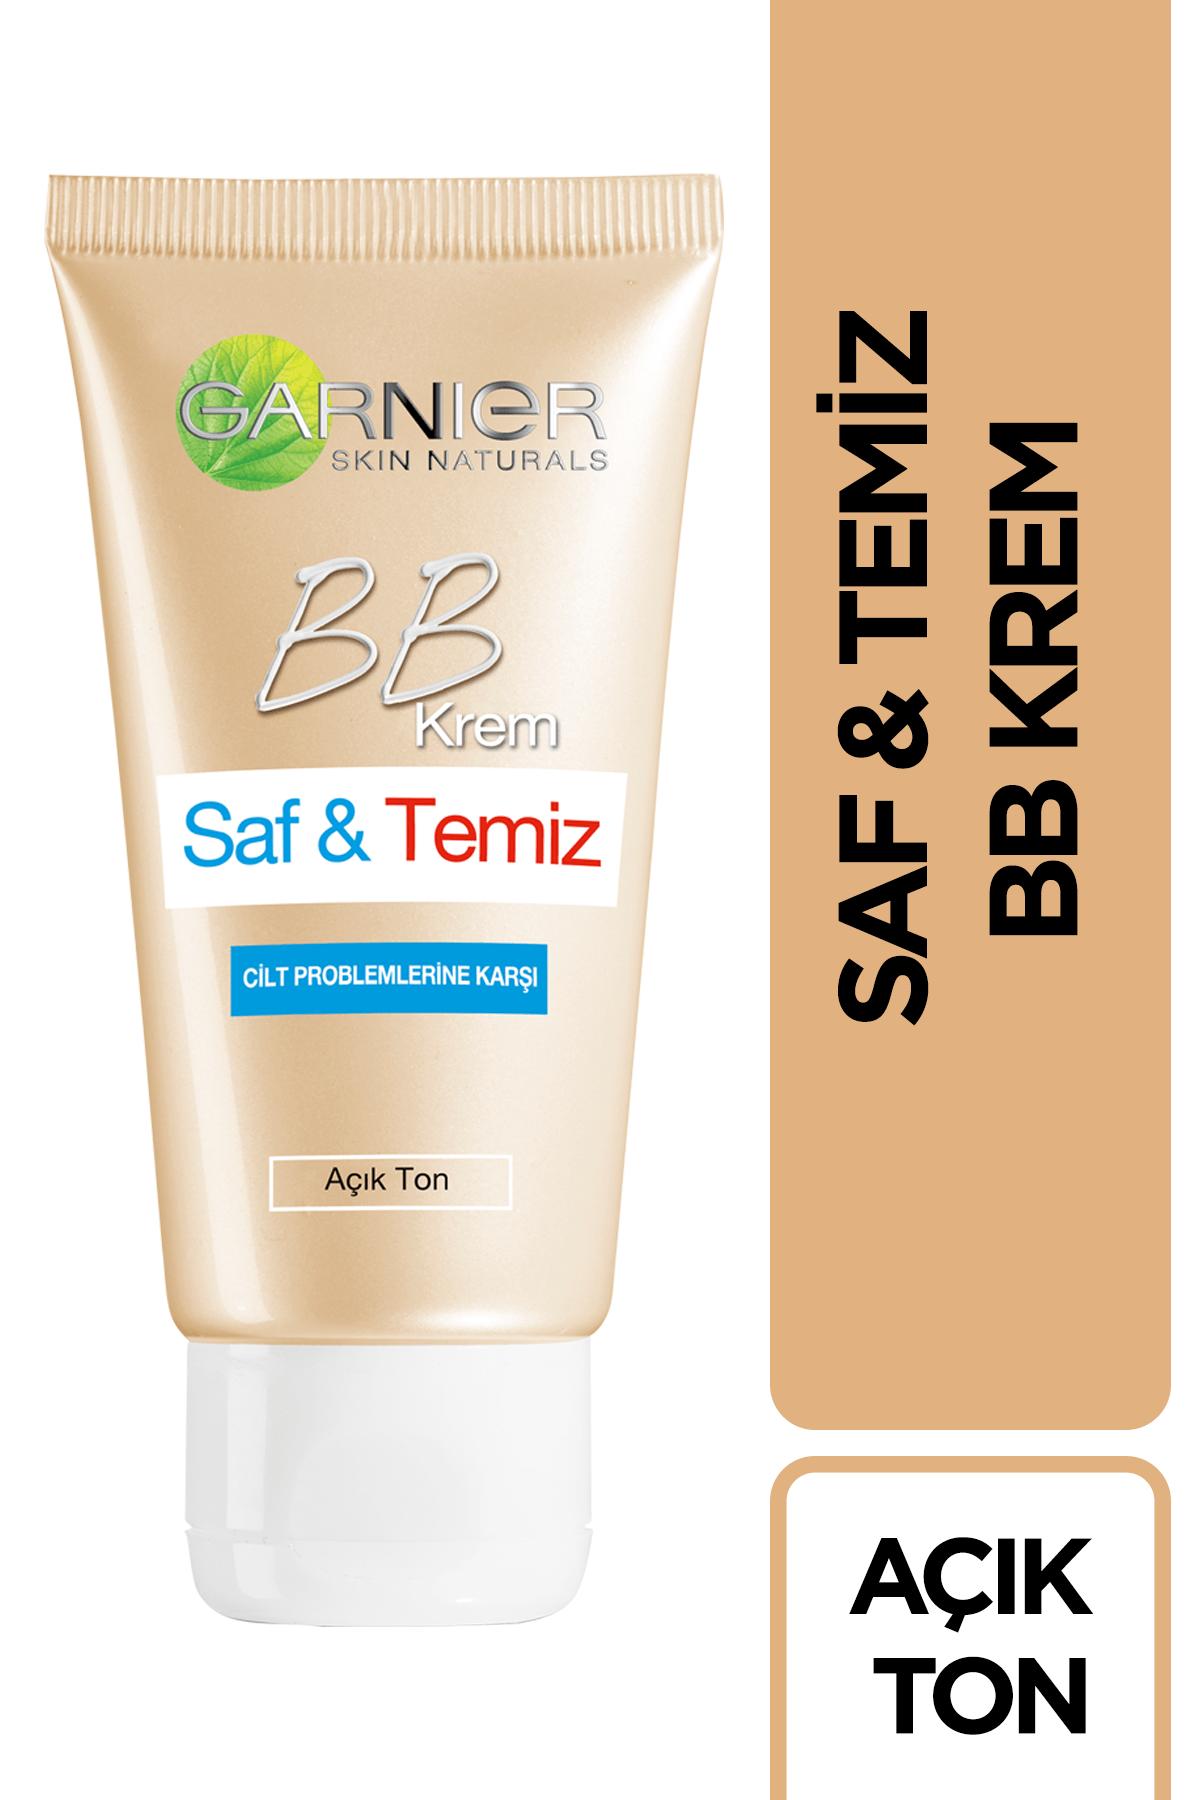 Garnier BB Krem - Saf & Temiz Açık Ton